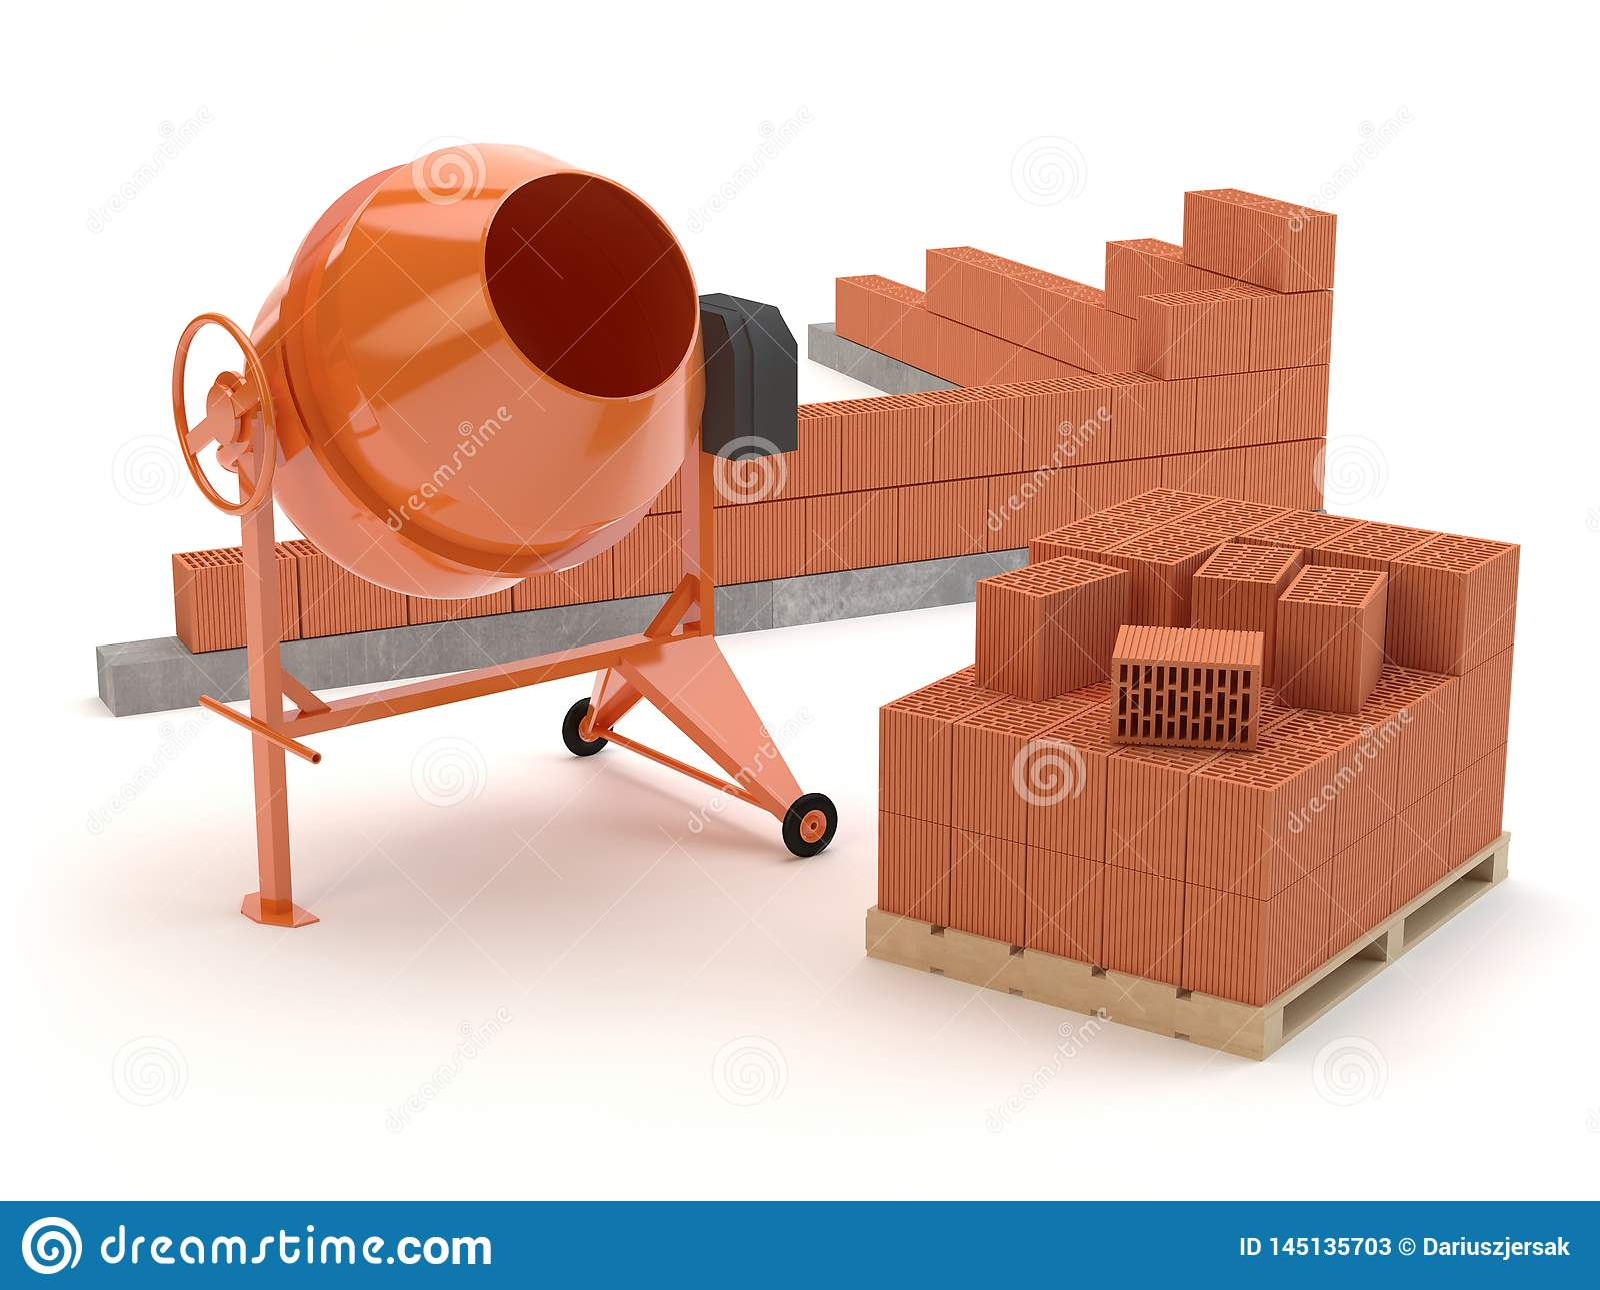 Briques et mélangeur concret, illustration 3D